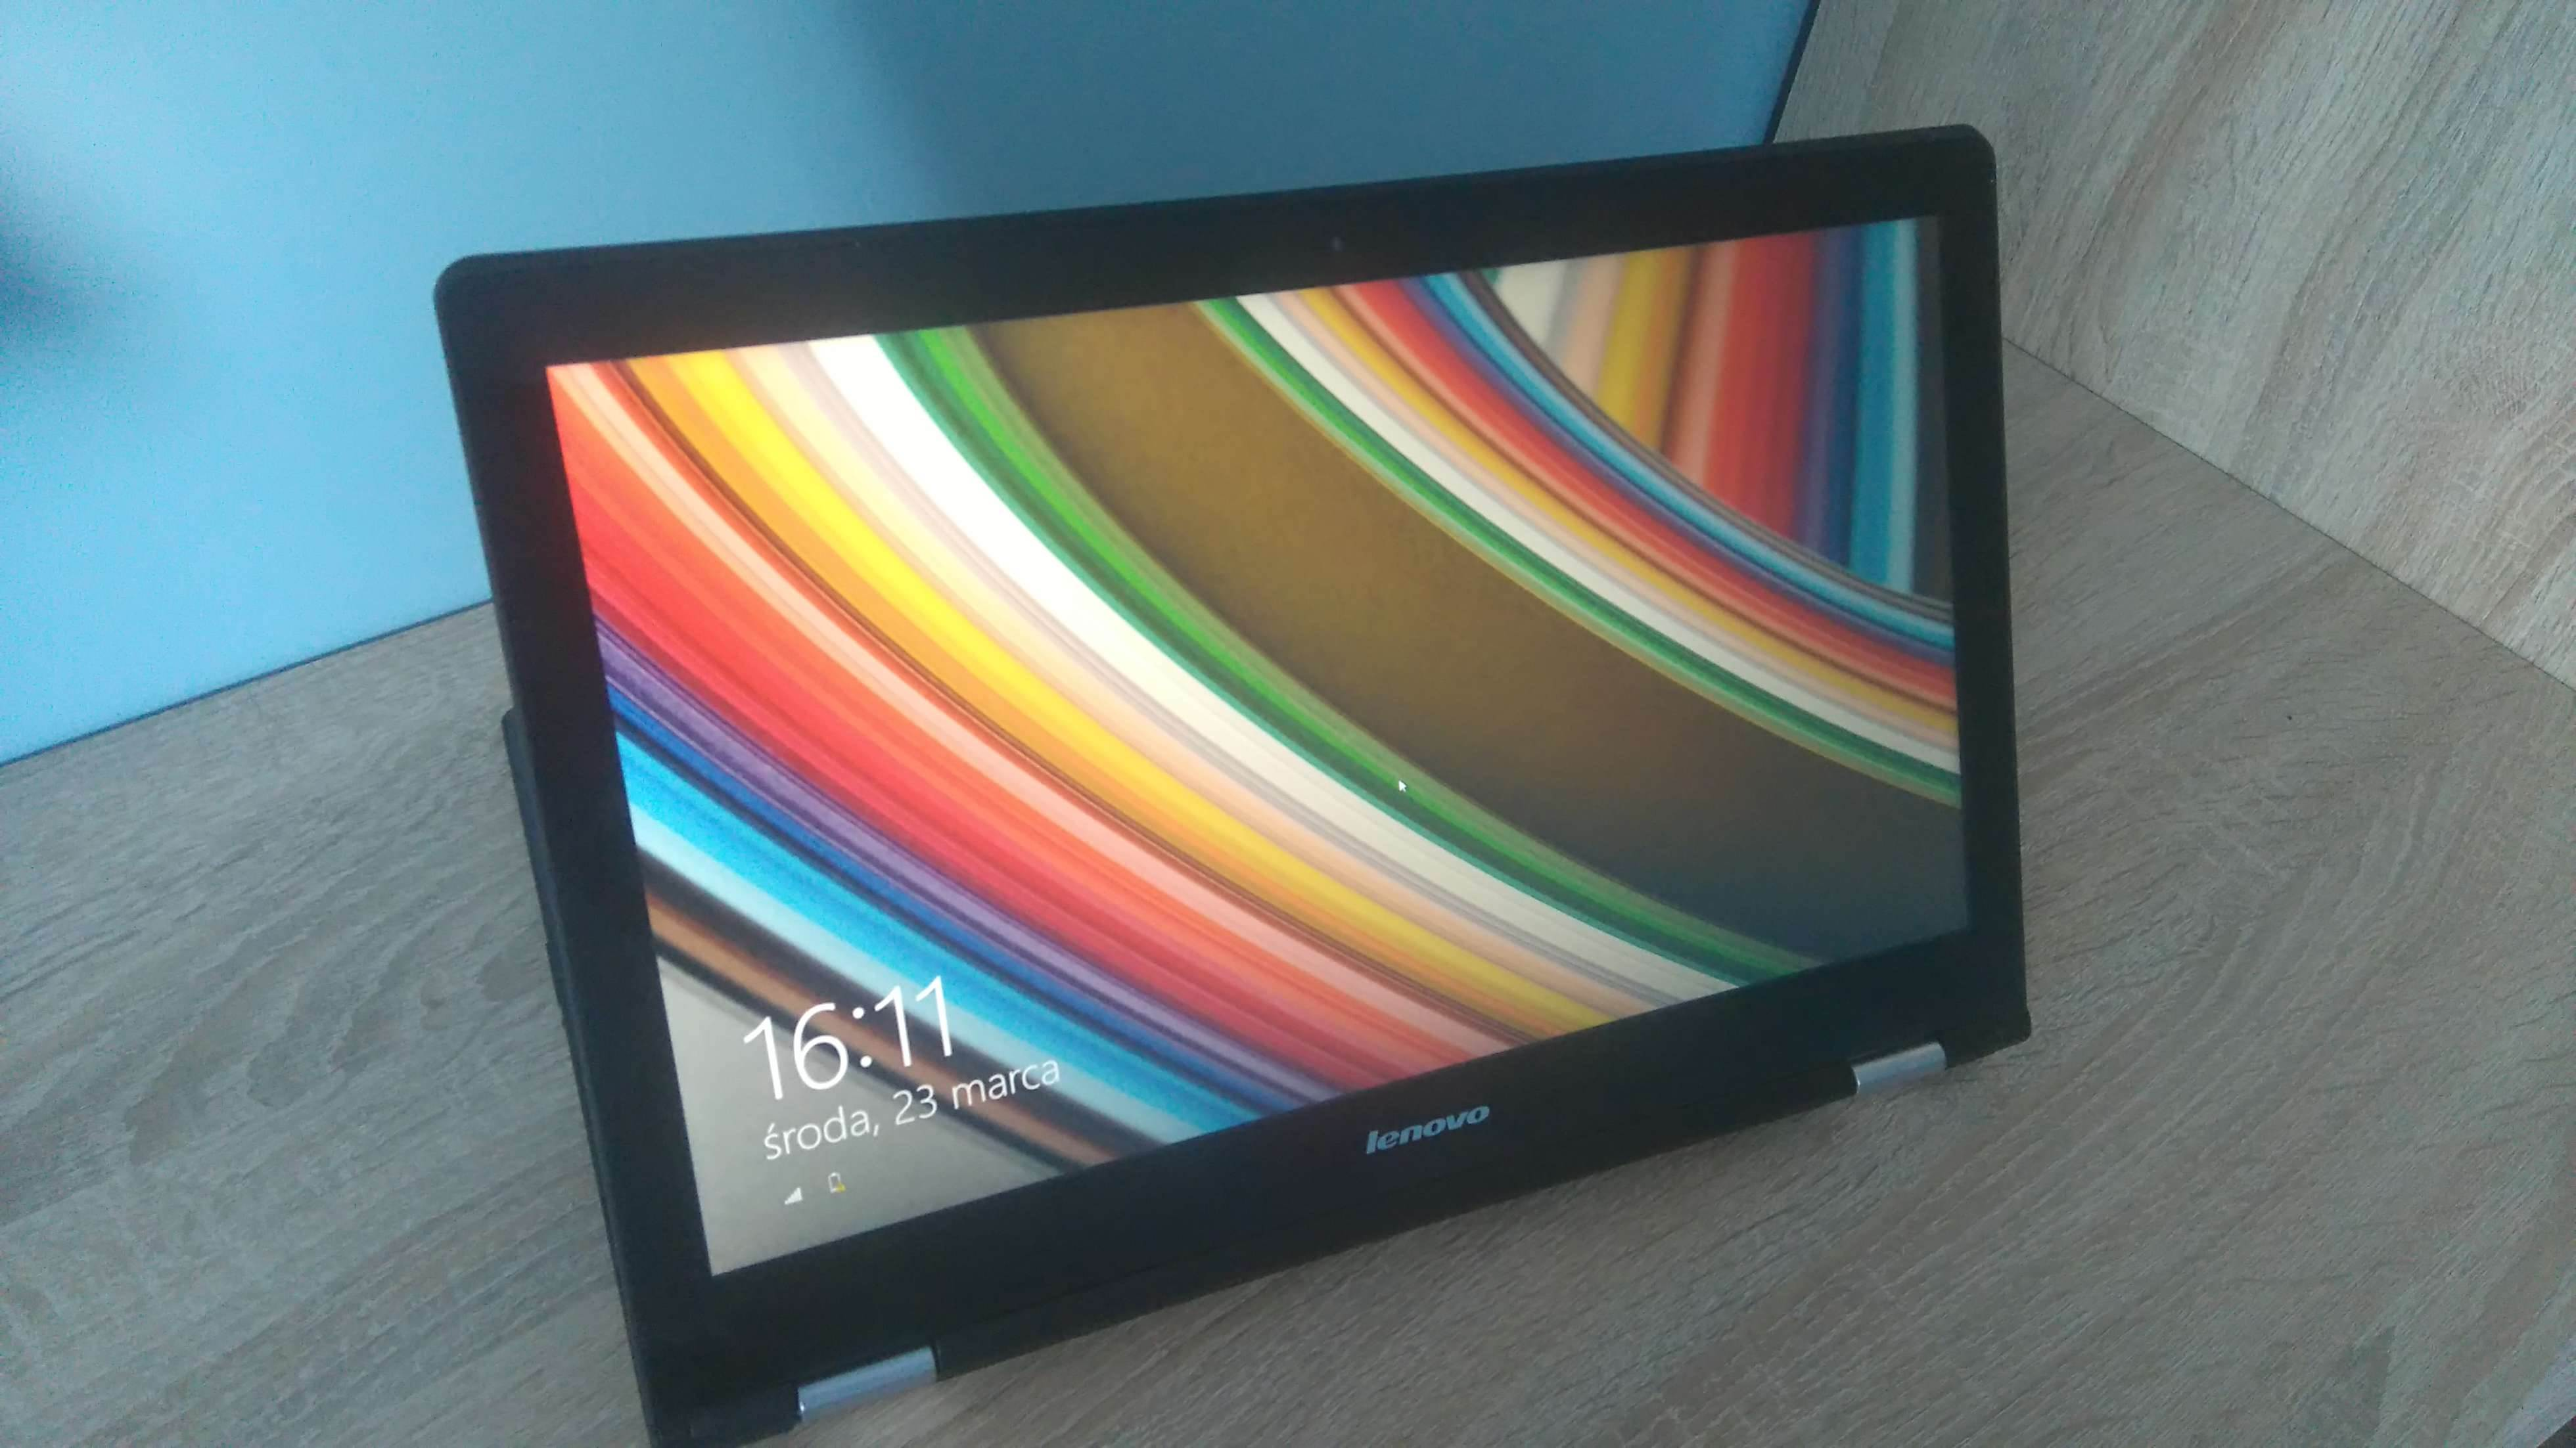 Lenovo YOGA 500 - recenzja urządzenia recenzje, polecane zalety, yoga 500, właściwości, wadyz, wady, Specyfikacja, recenzja Lenovo YOGA 500, polska recenzja Lenovo YOGA 500, Lenovo YOGA 500, lenovo, laptop Lenovo YOGA 500, jak działa Lenovo YOGA 500, czy warto kupić Lenovo YOGA 500, cena  Od ubiegłorocznych wakacji korzystam z 12 - calowego Chromebooka i ostatnio wpadłem na pomysł, aby wziąć do testów laptopa z Windowsem, więc padło na Lenovo YOGA 500.  DSC 0006 5